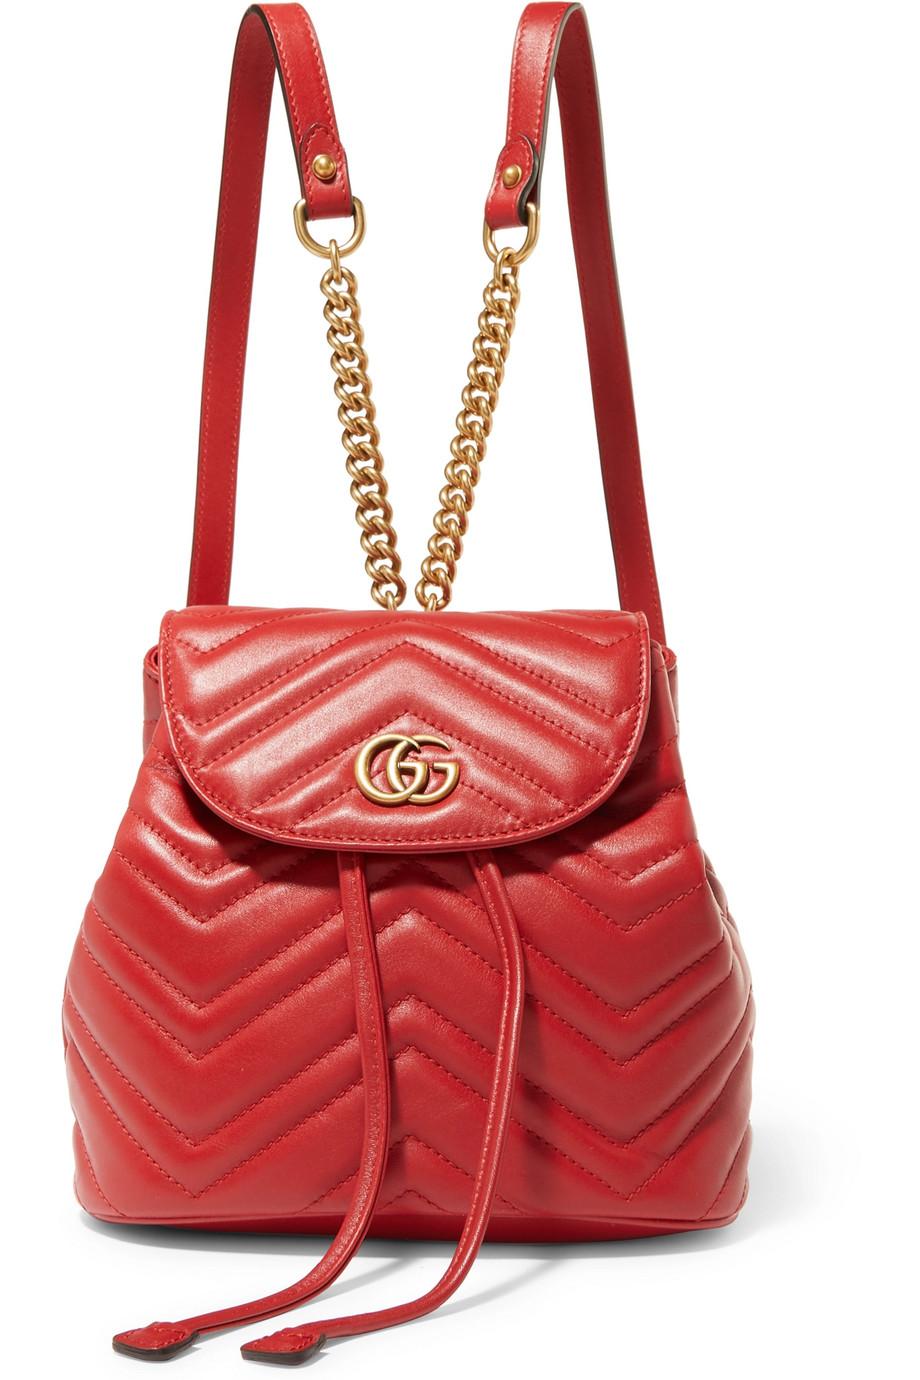 baf0e1743e3154 Mini Backpacks Spring Handbag Trend For Women